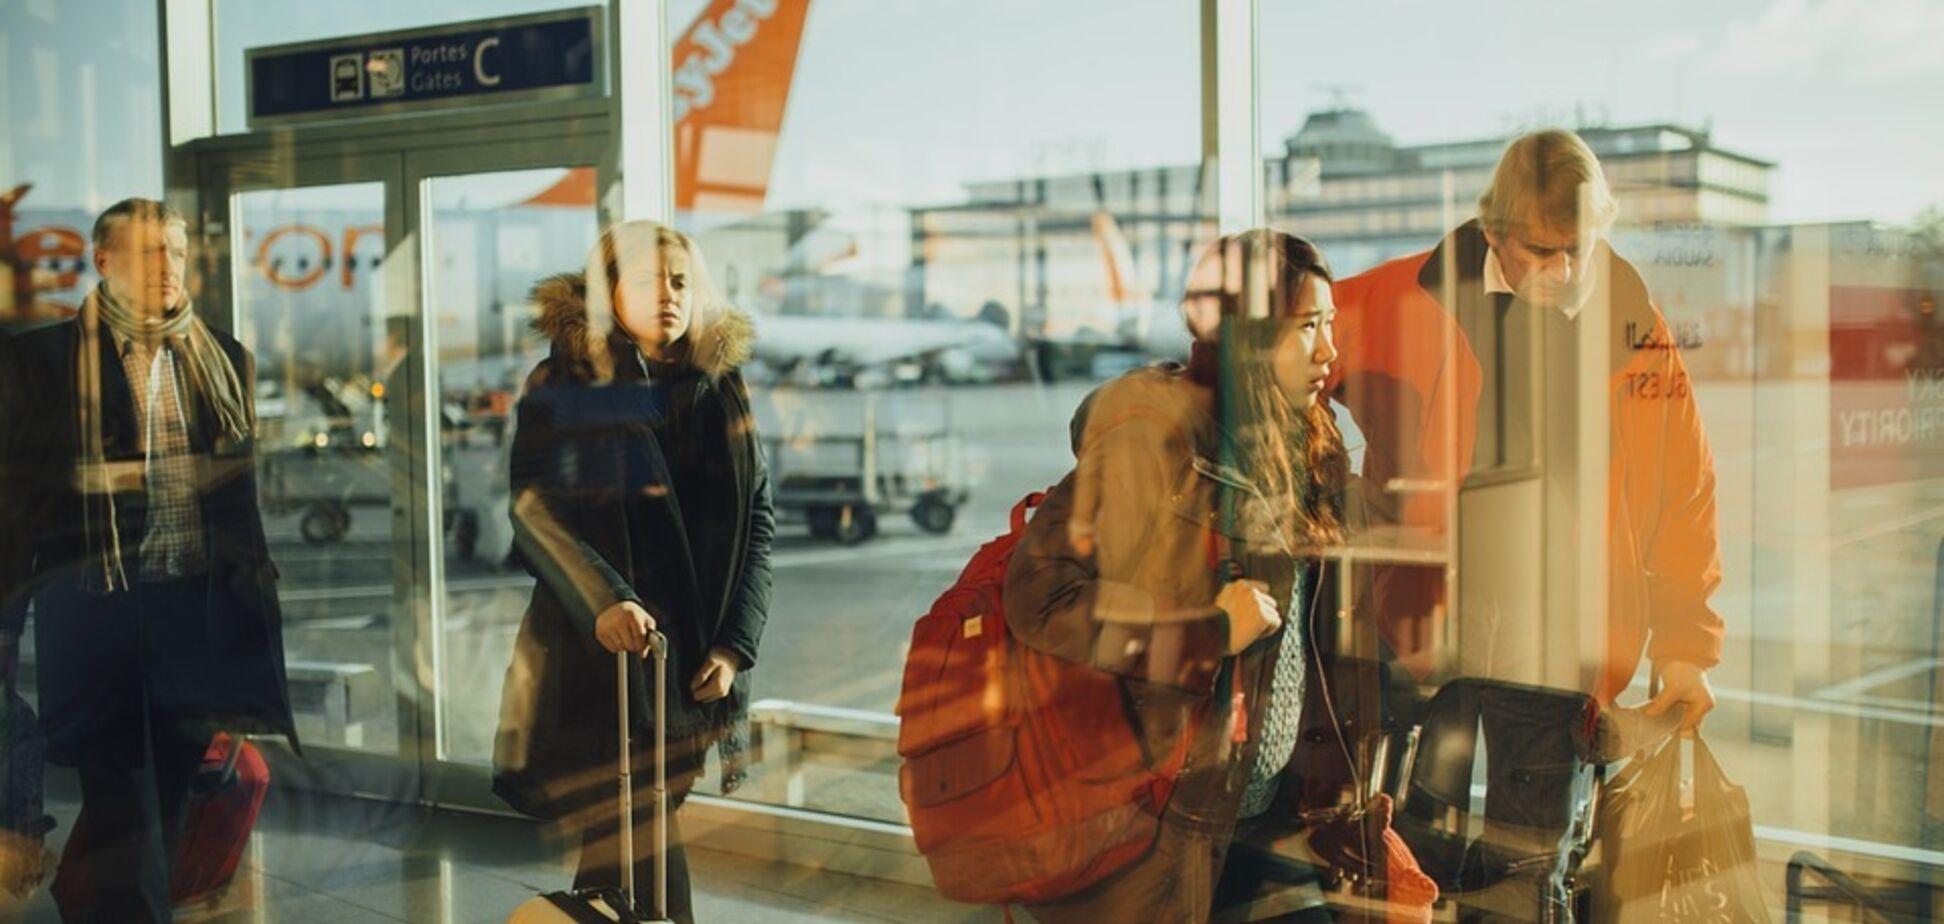 Отменены сотни рейсов: в крупнейшем аэропорту Европы застряли тысячи туристов